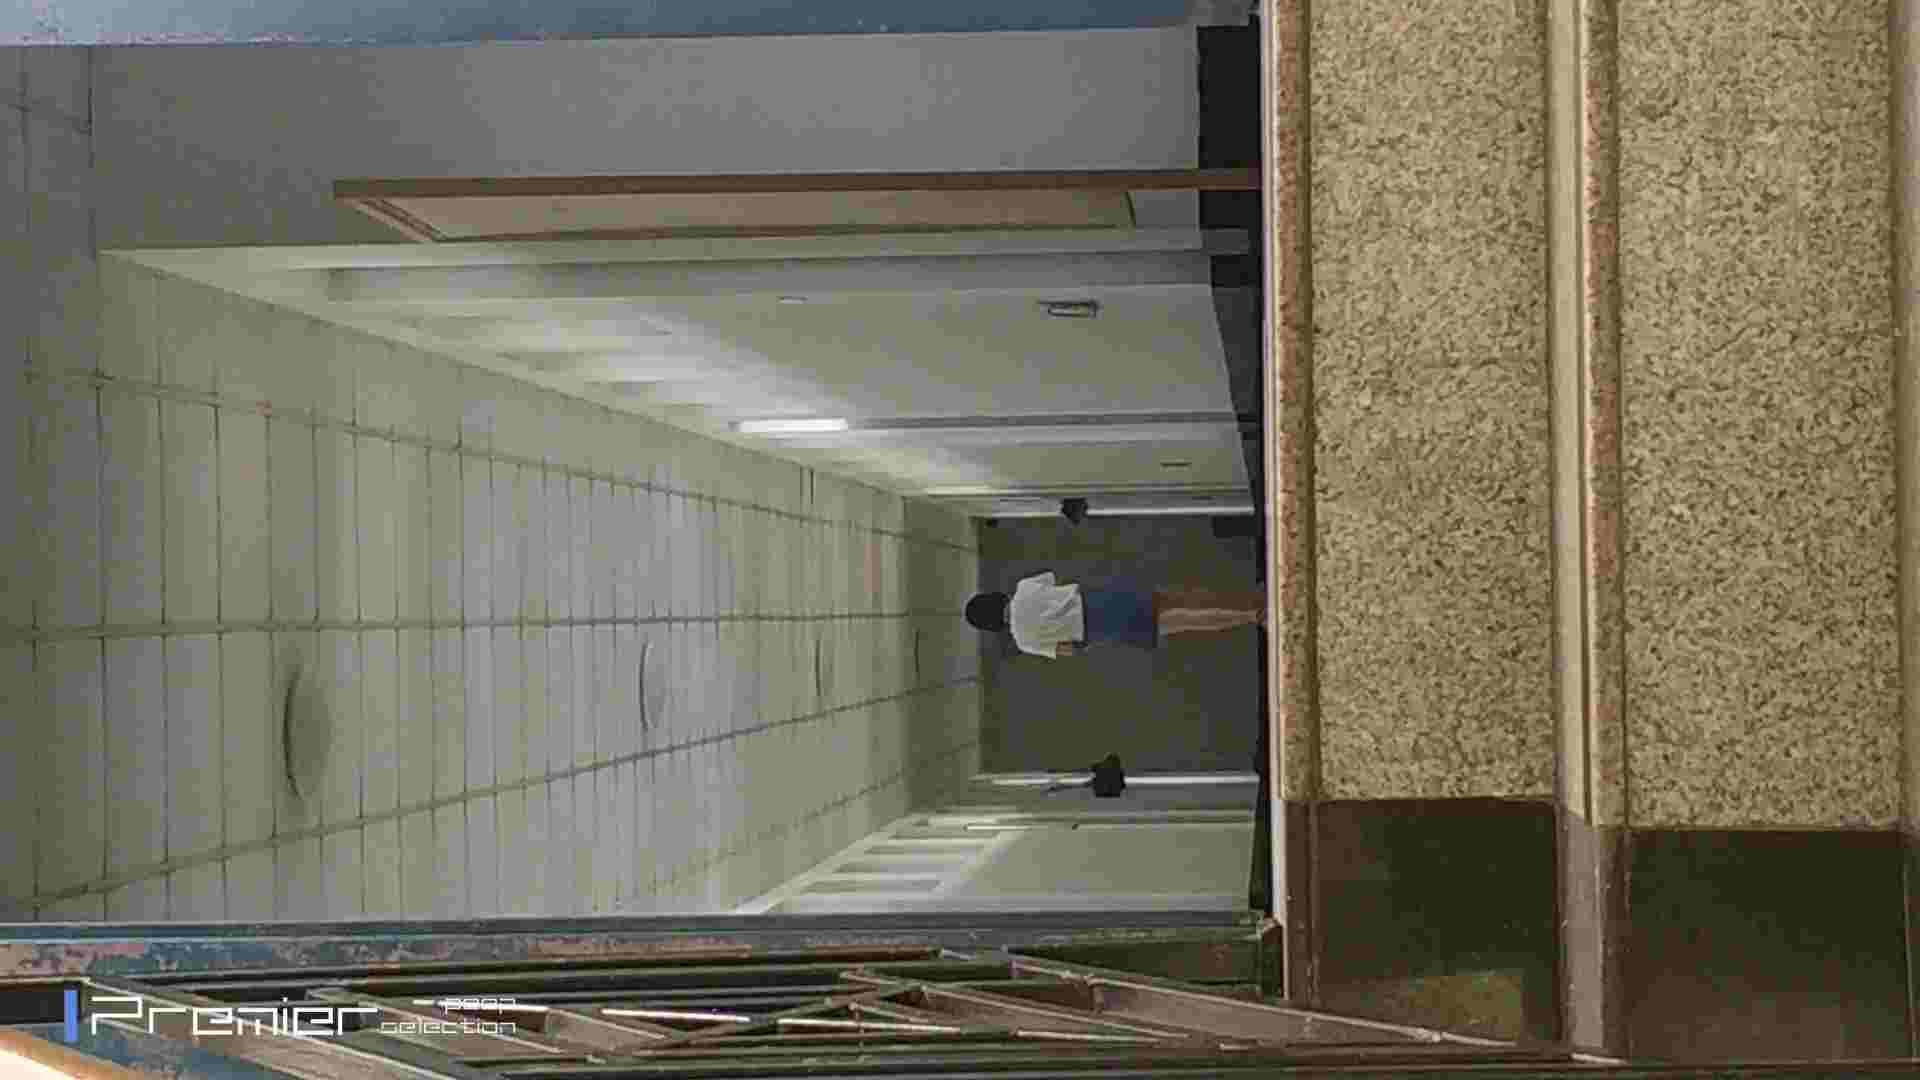 生理用ナプキン交換 大学休憩時間の洗面所事情77 洗面所のぞき AV無料動画キャプチャ 86枚 19